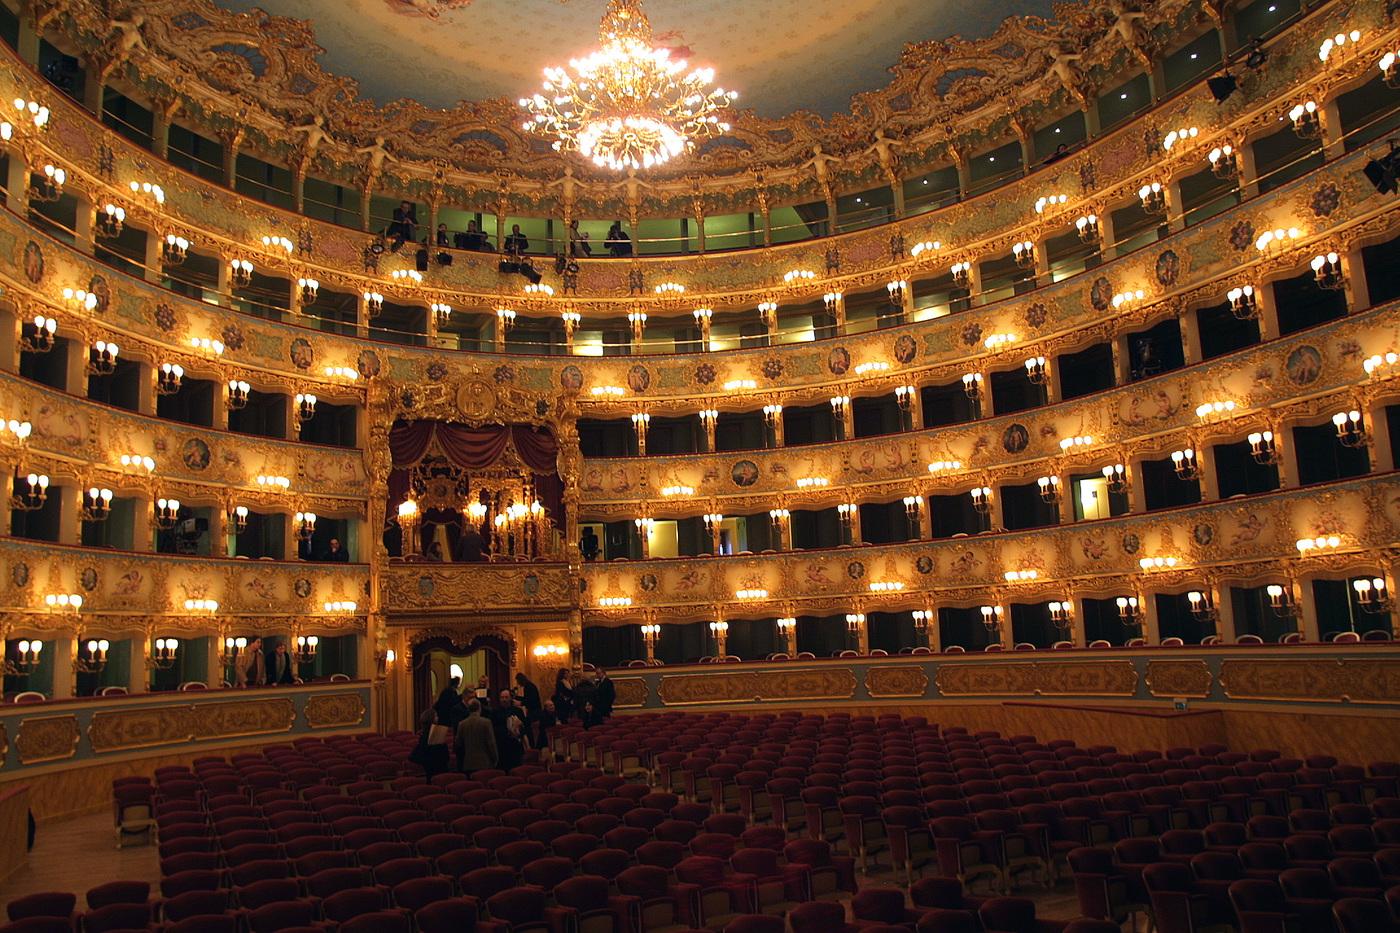 Cultura in crisi, l'agenzia Ansa mette le sue piattaforme digitali al servizio dei teatri per ospitare spettacoli ed eventi